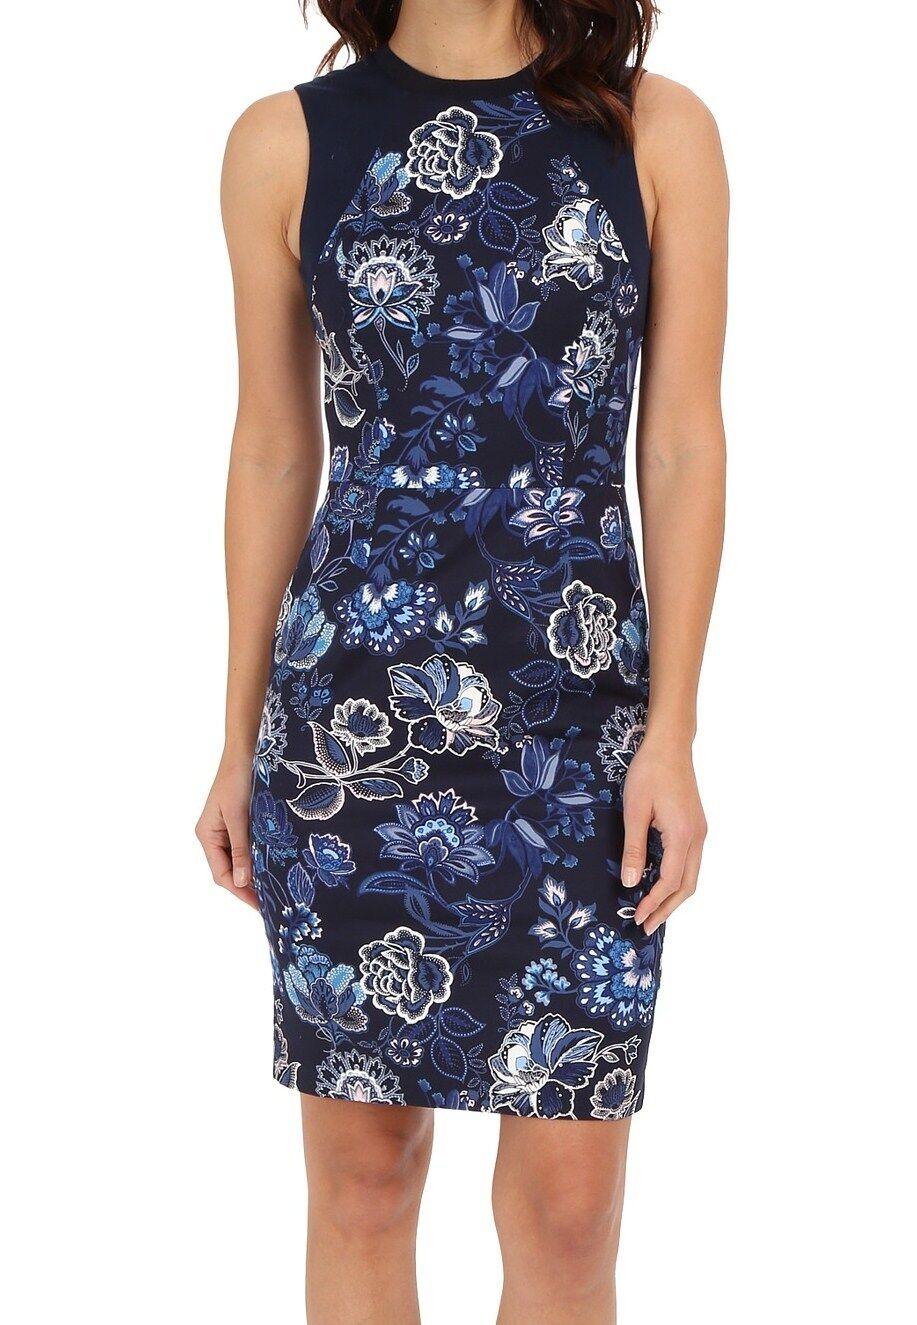 NWT MSRP  - ADRIANNA PAPELL Woherren Floral Sheath Dress, Navy Multi, Größe 10